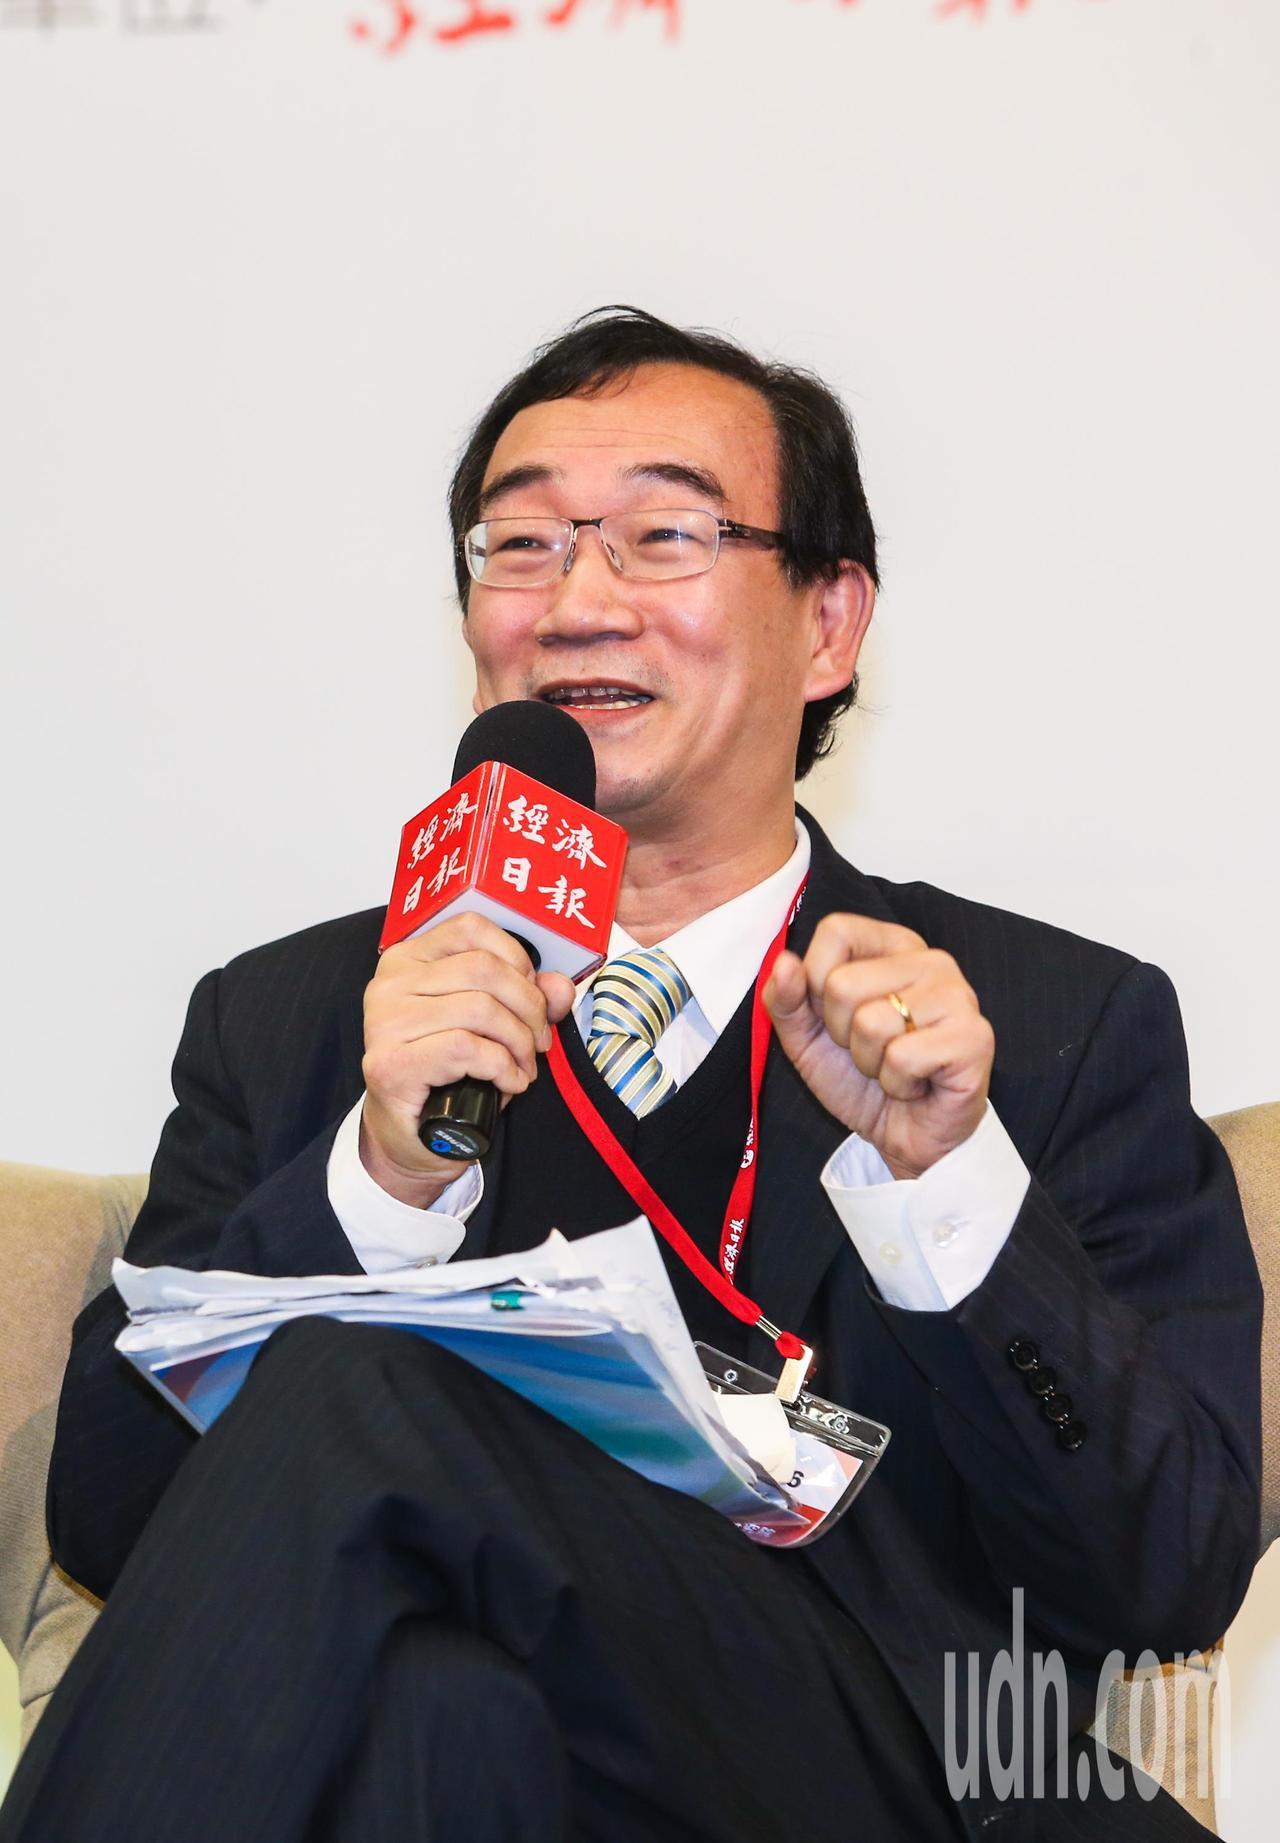 中華經濟研究院副院長王健全。本報資料照片